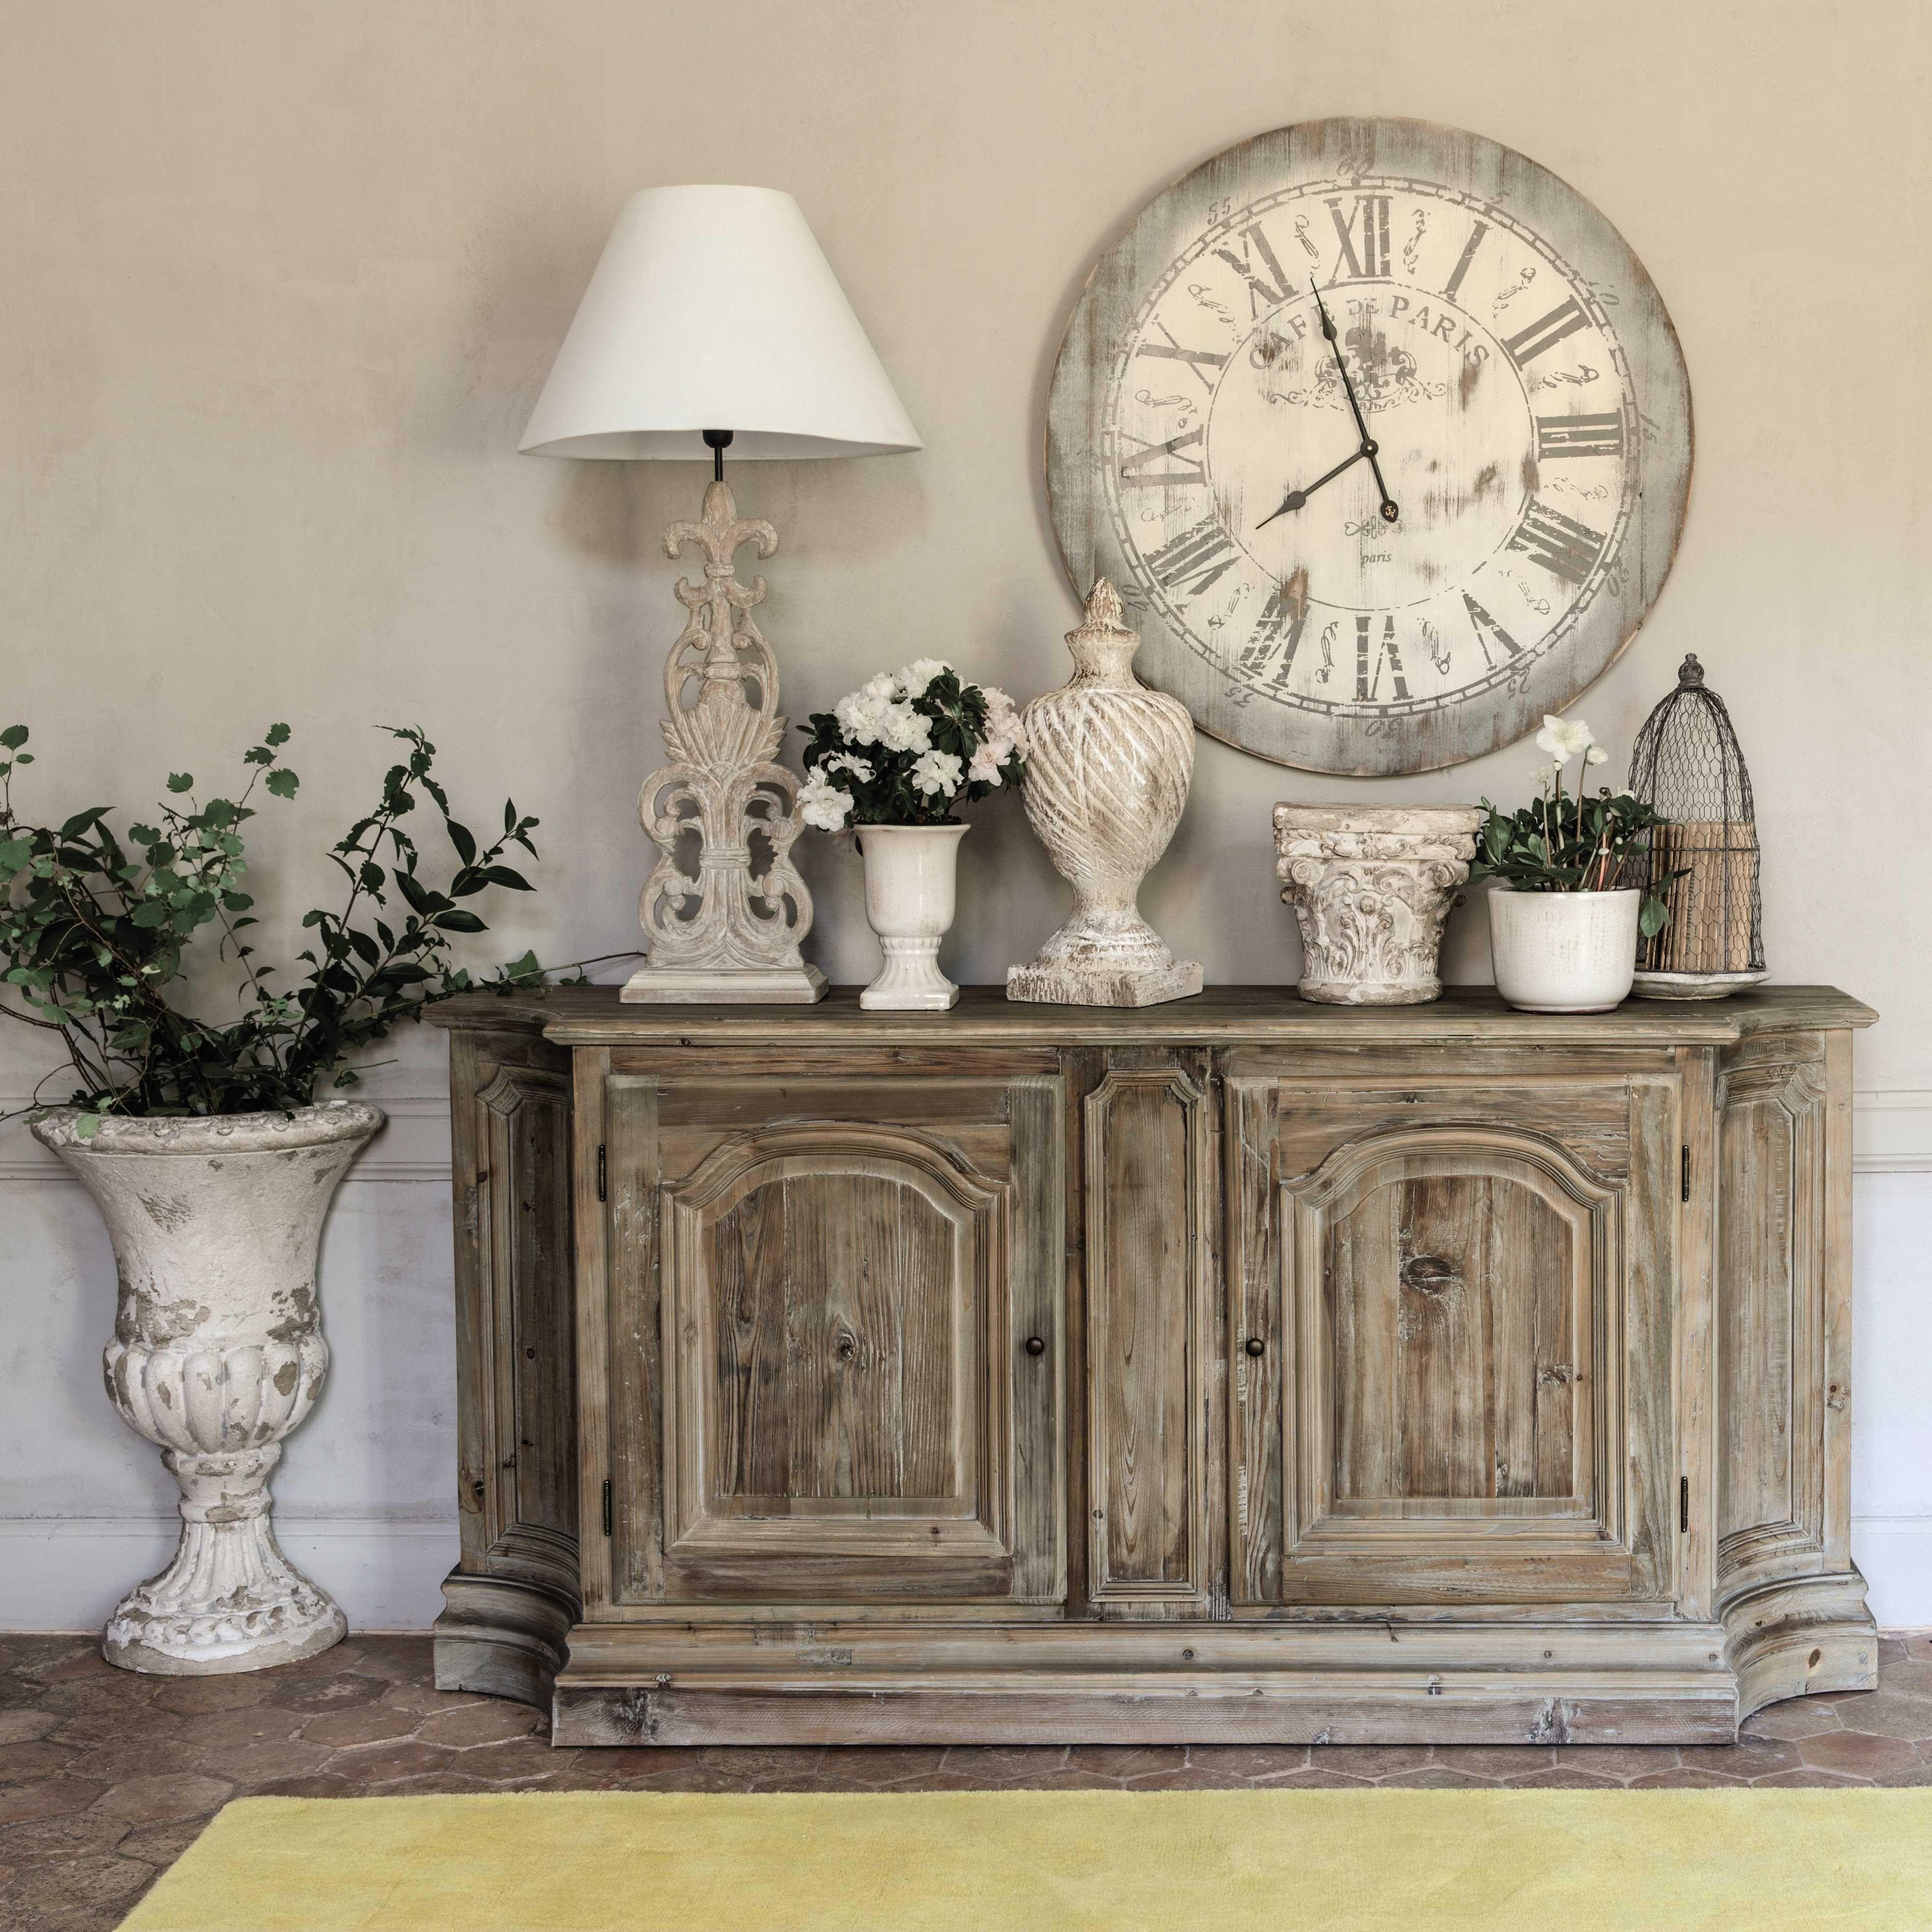 abat jour maison customiser un abat jour with abat jour maison fabulous abatjour portraits de. Black Bedroom Furniture Sets. Home Design Ideas